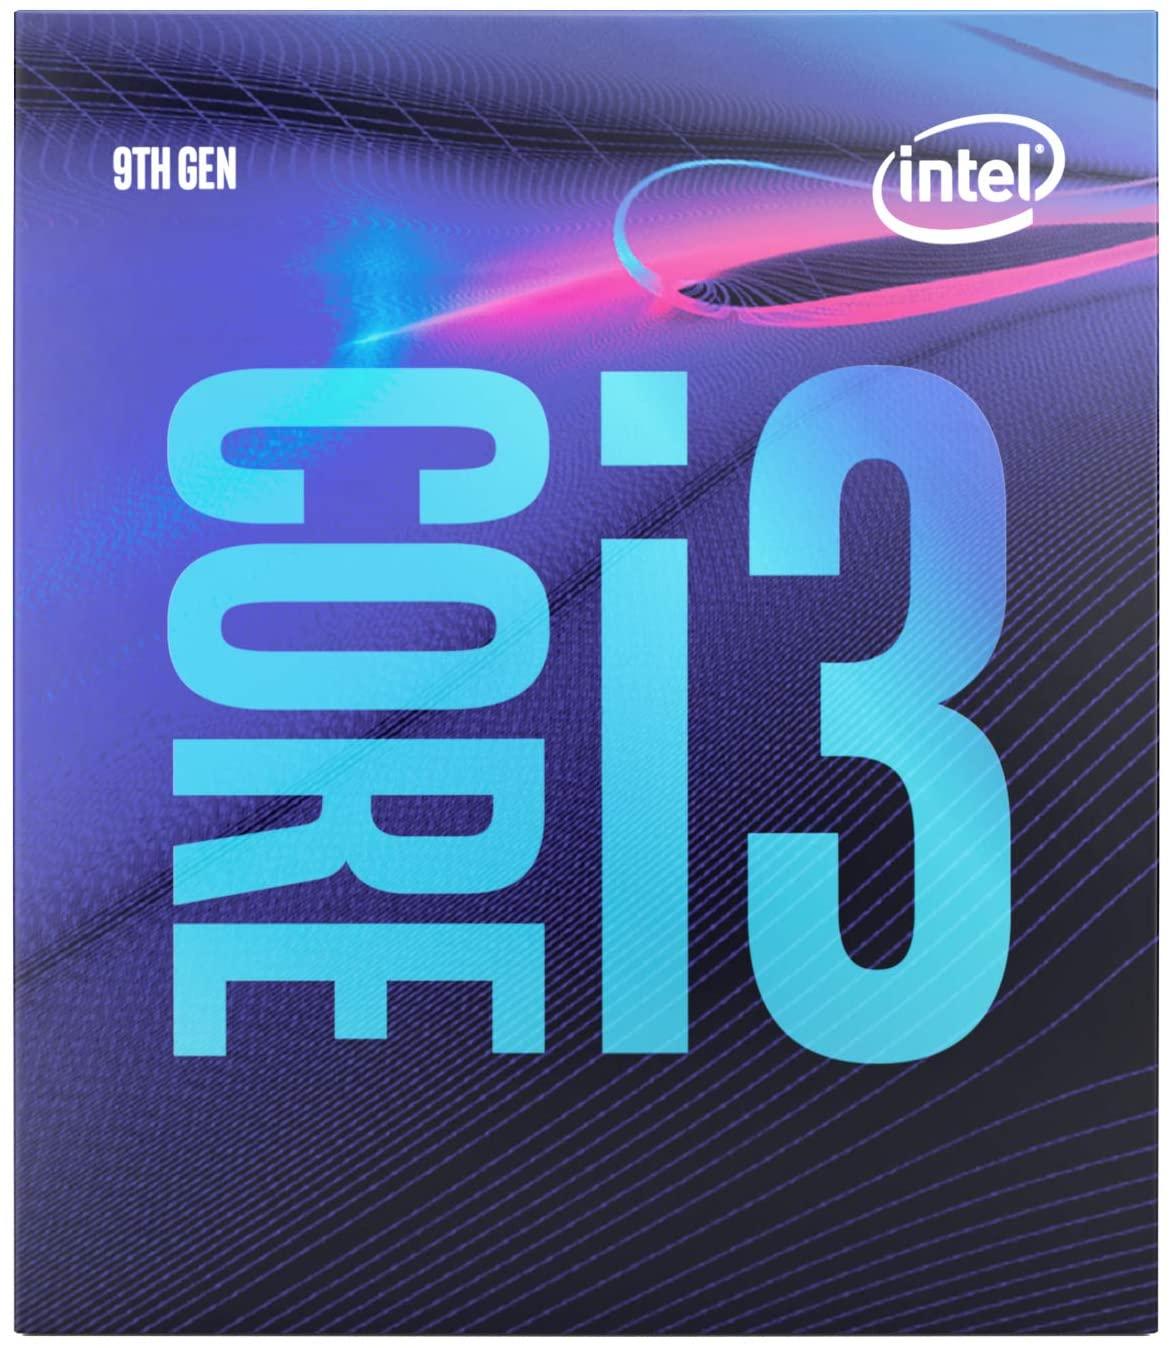 Intel Core i3-9100 por 90,40€ (También versión sin gráfica por 73,96€)